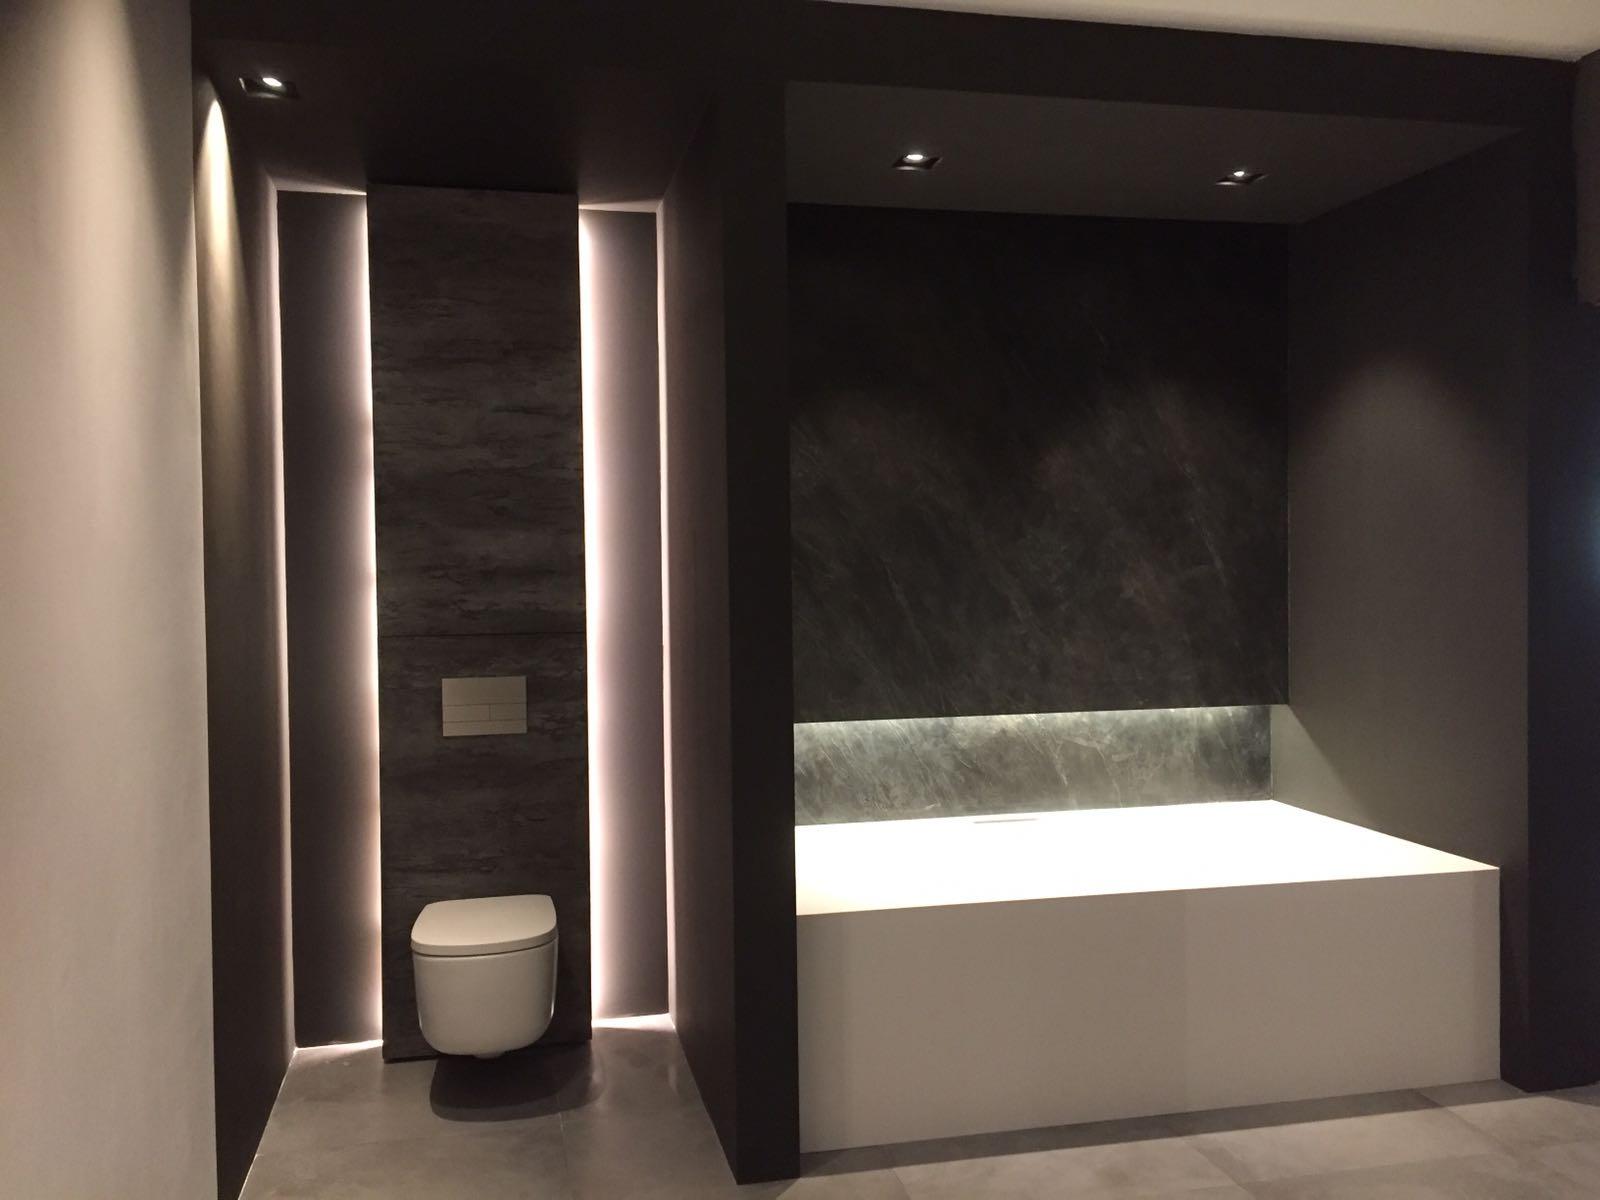 Badkamer Showroom Brabant : Design maatwerk sanitair design maatwerk badkamermeubels